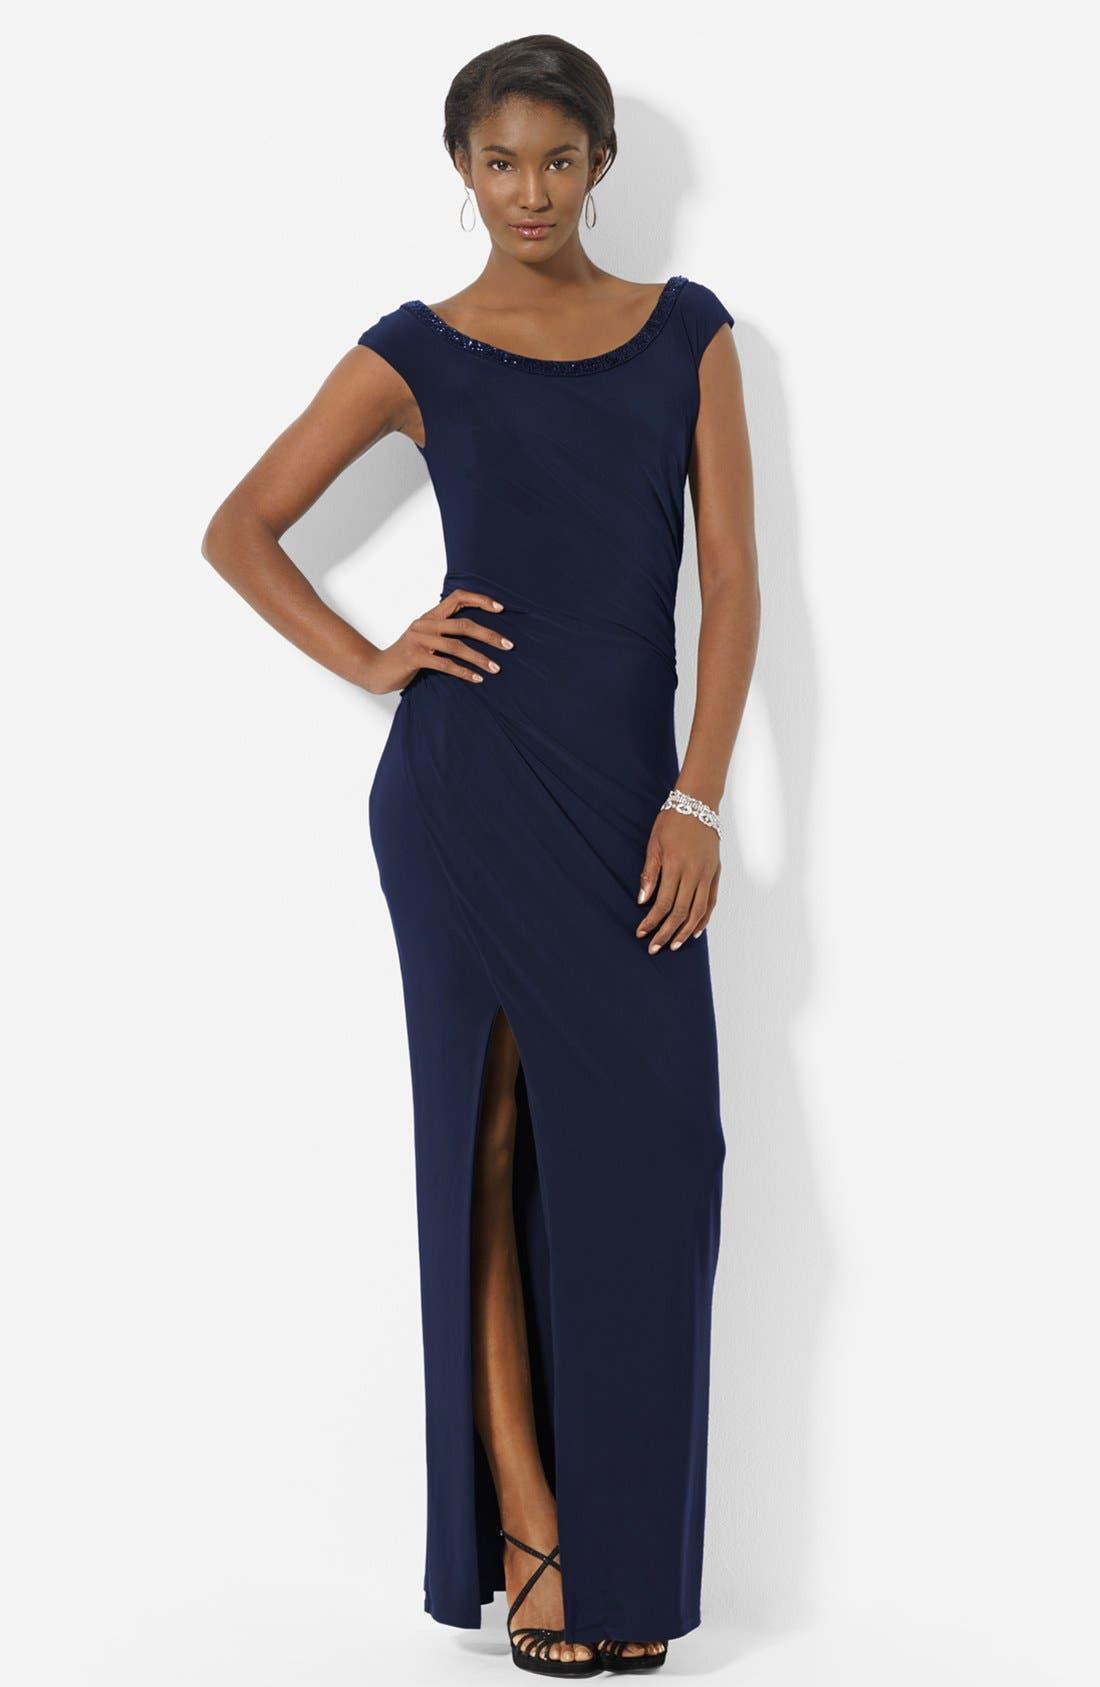 Alternate Image 1 Selected - Lauren Ralph Lauren Beaded Scoop Neck Matte Jersey Gown